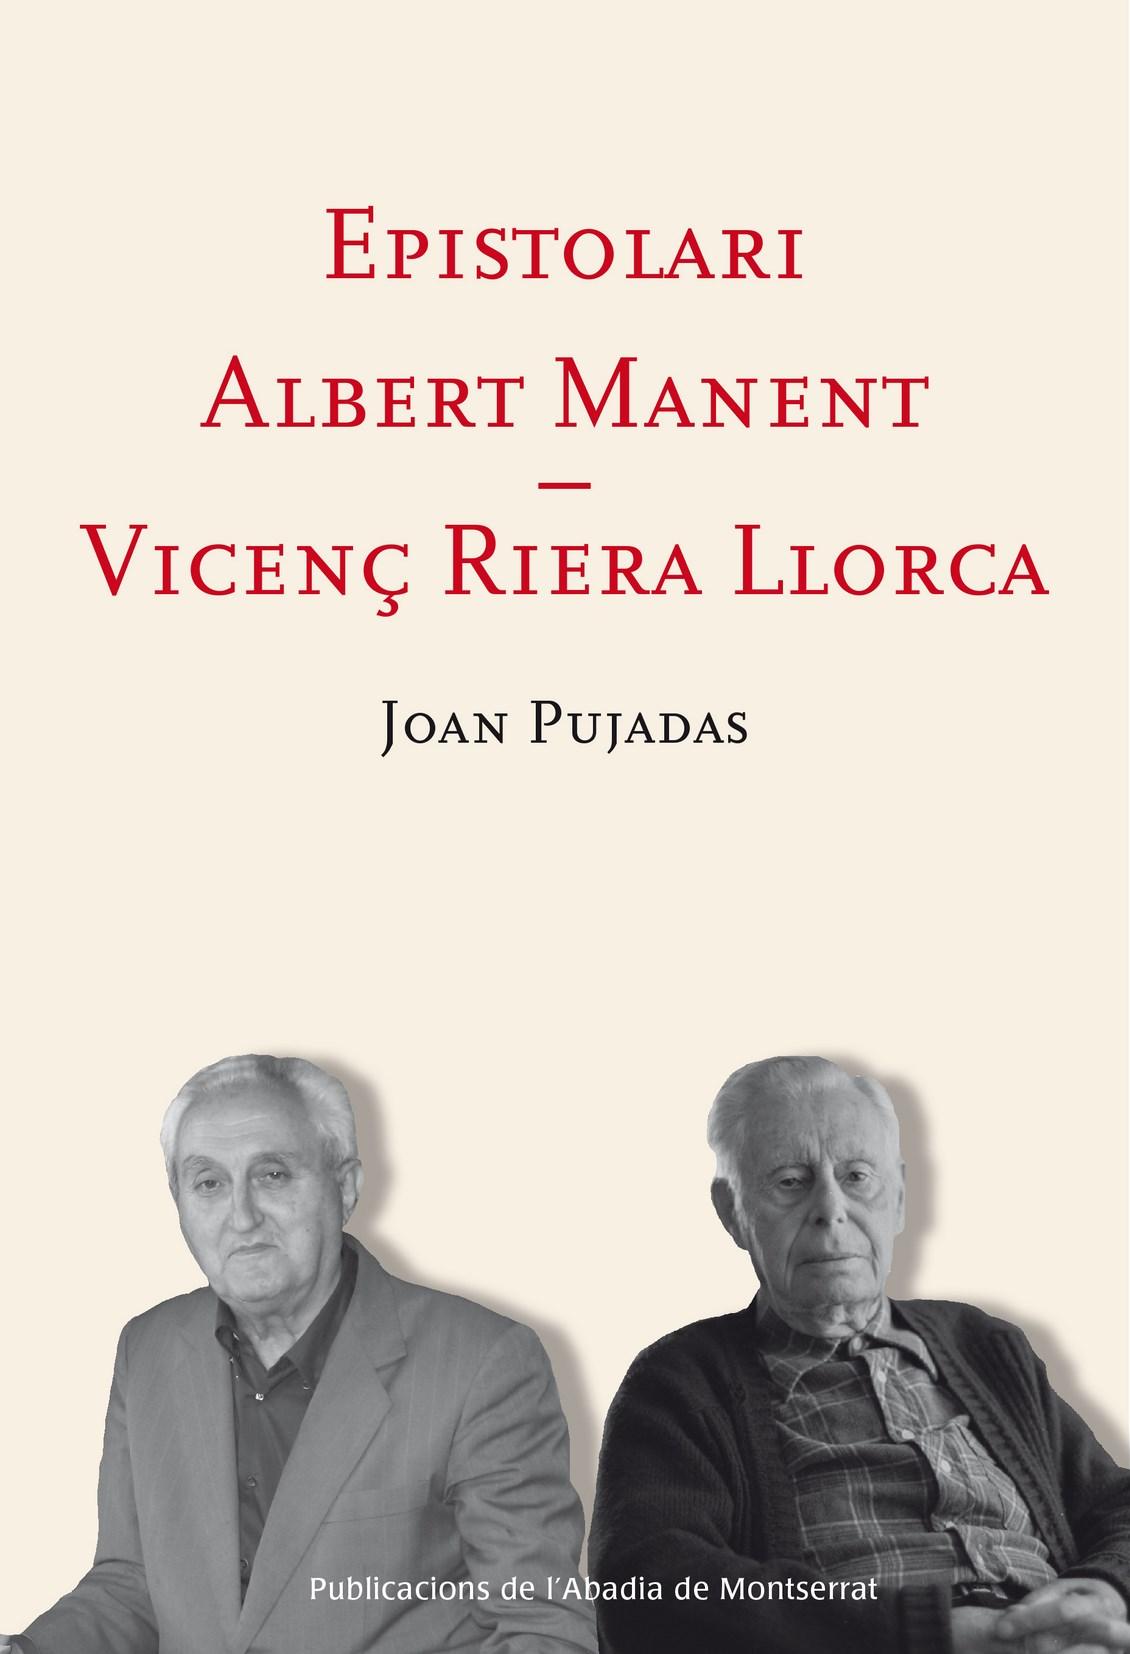 EPISTOLARI ALBERT MANENT - VICENÇ RIERA LLORCA.